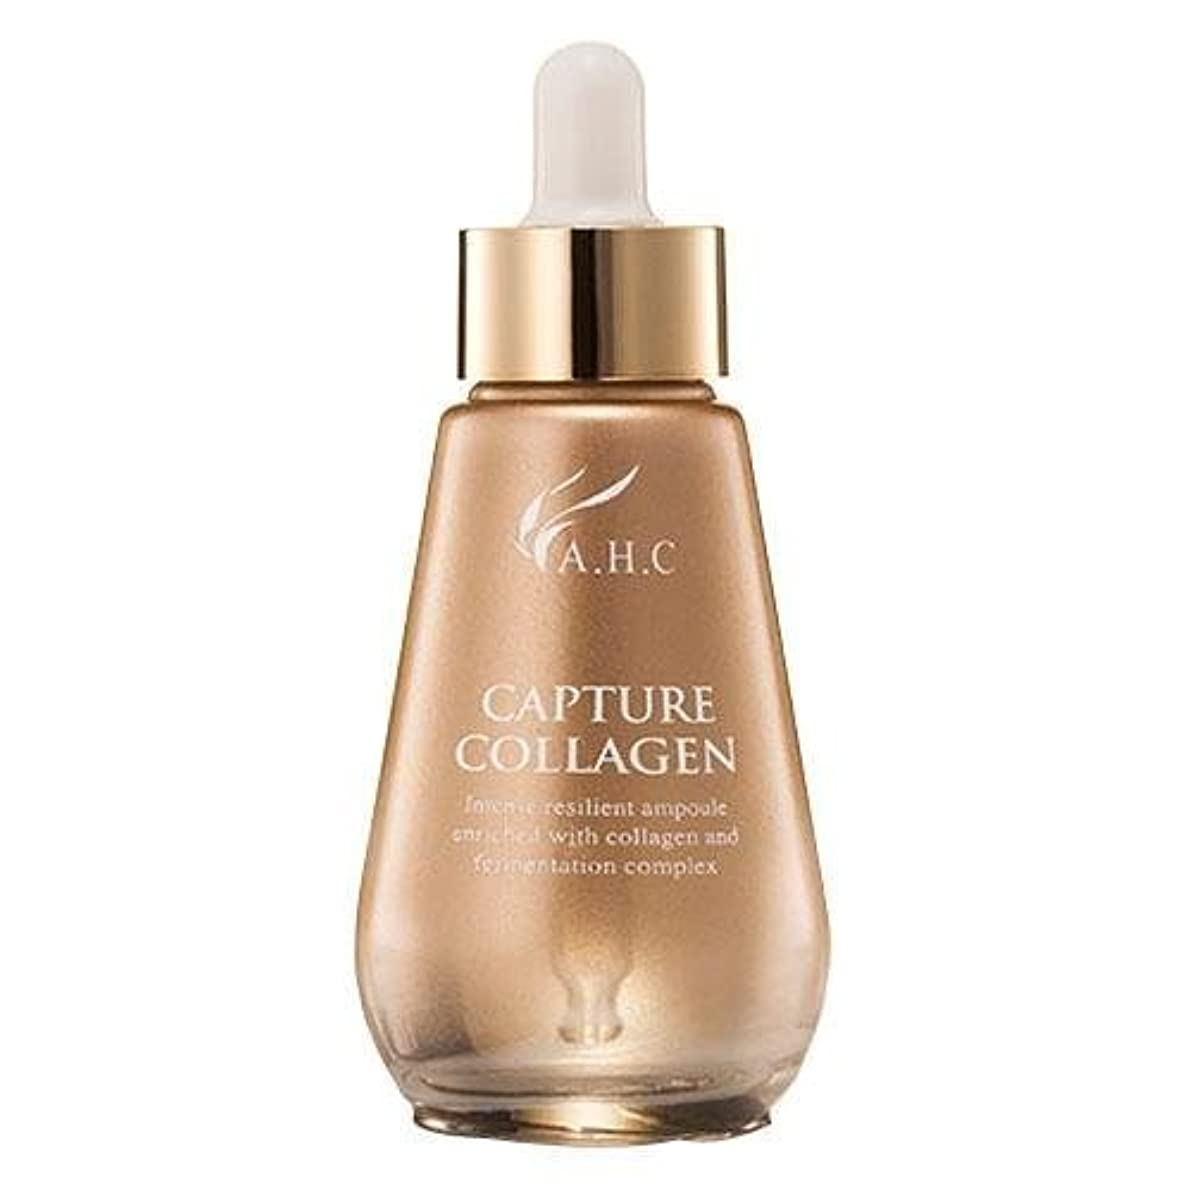 囲む気楽なタイトA.H.C Capture Collagen Ampoule/ Made in Korea